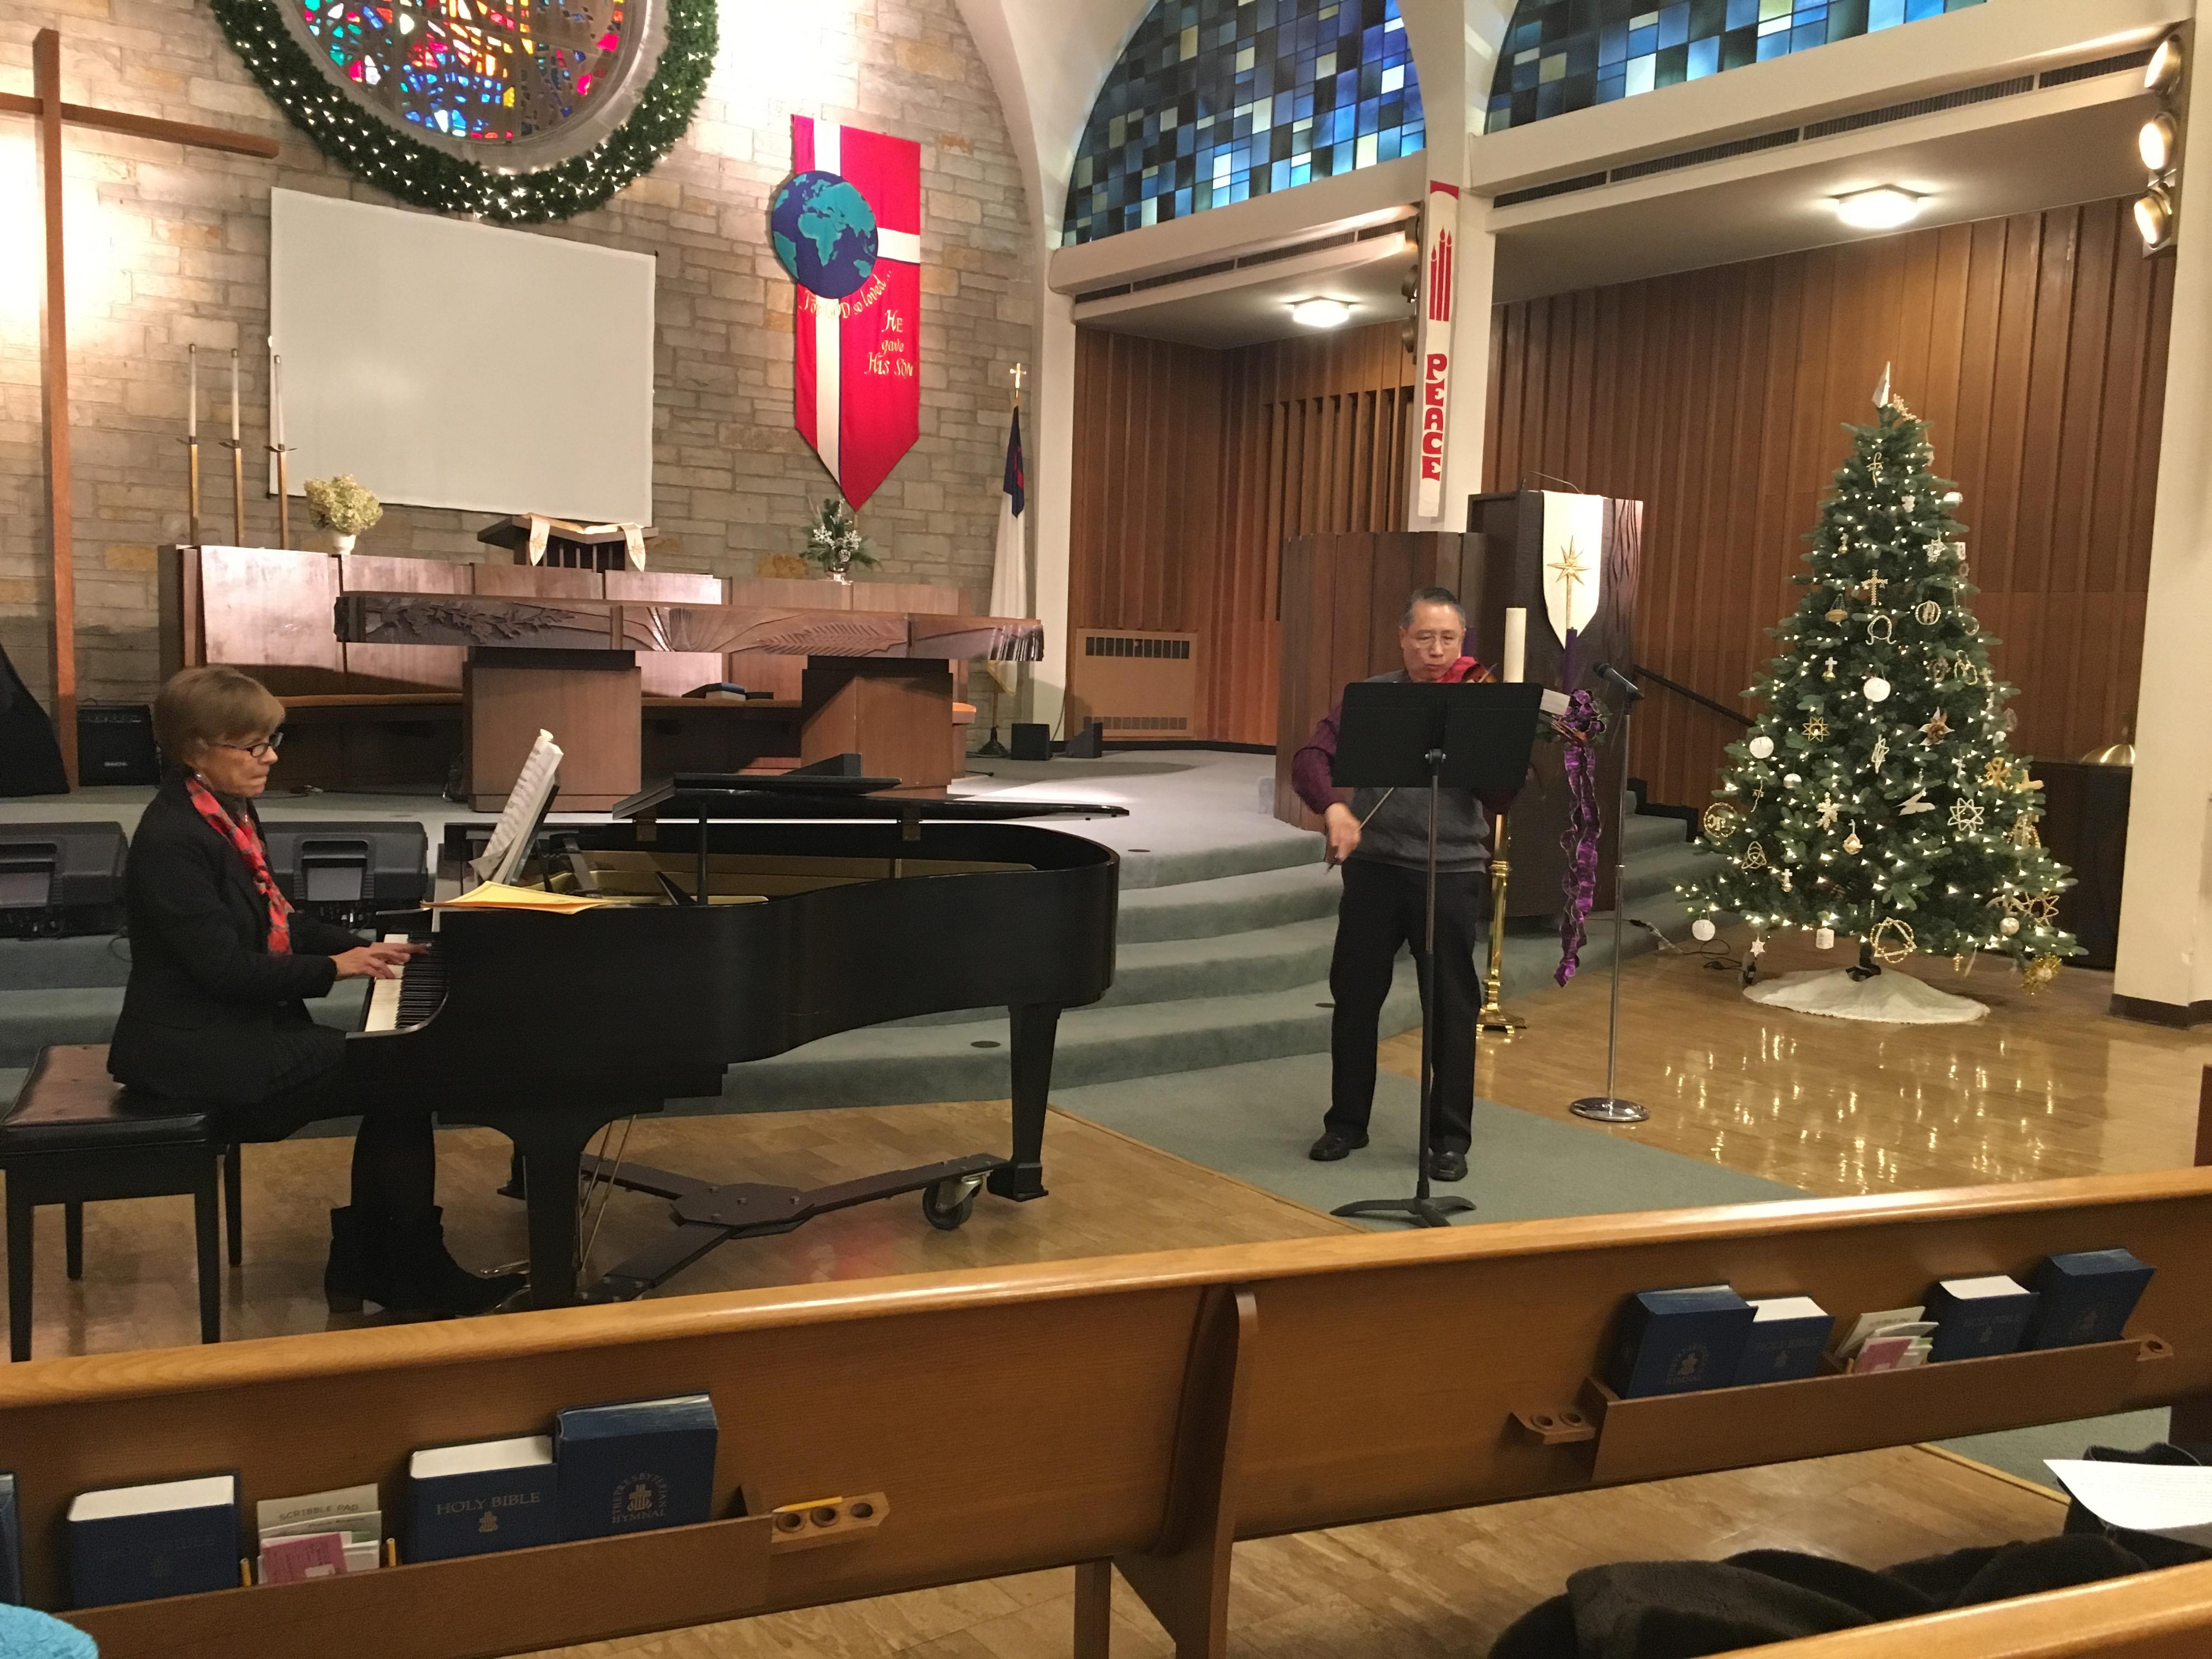 Nancy Hagen with Robert Hariman, Dec. 13, 2017